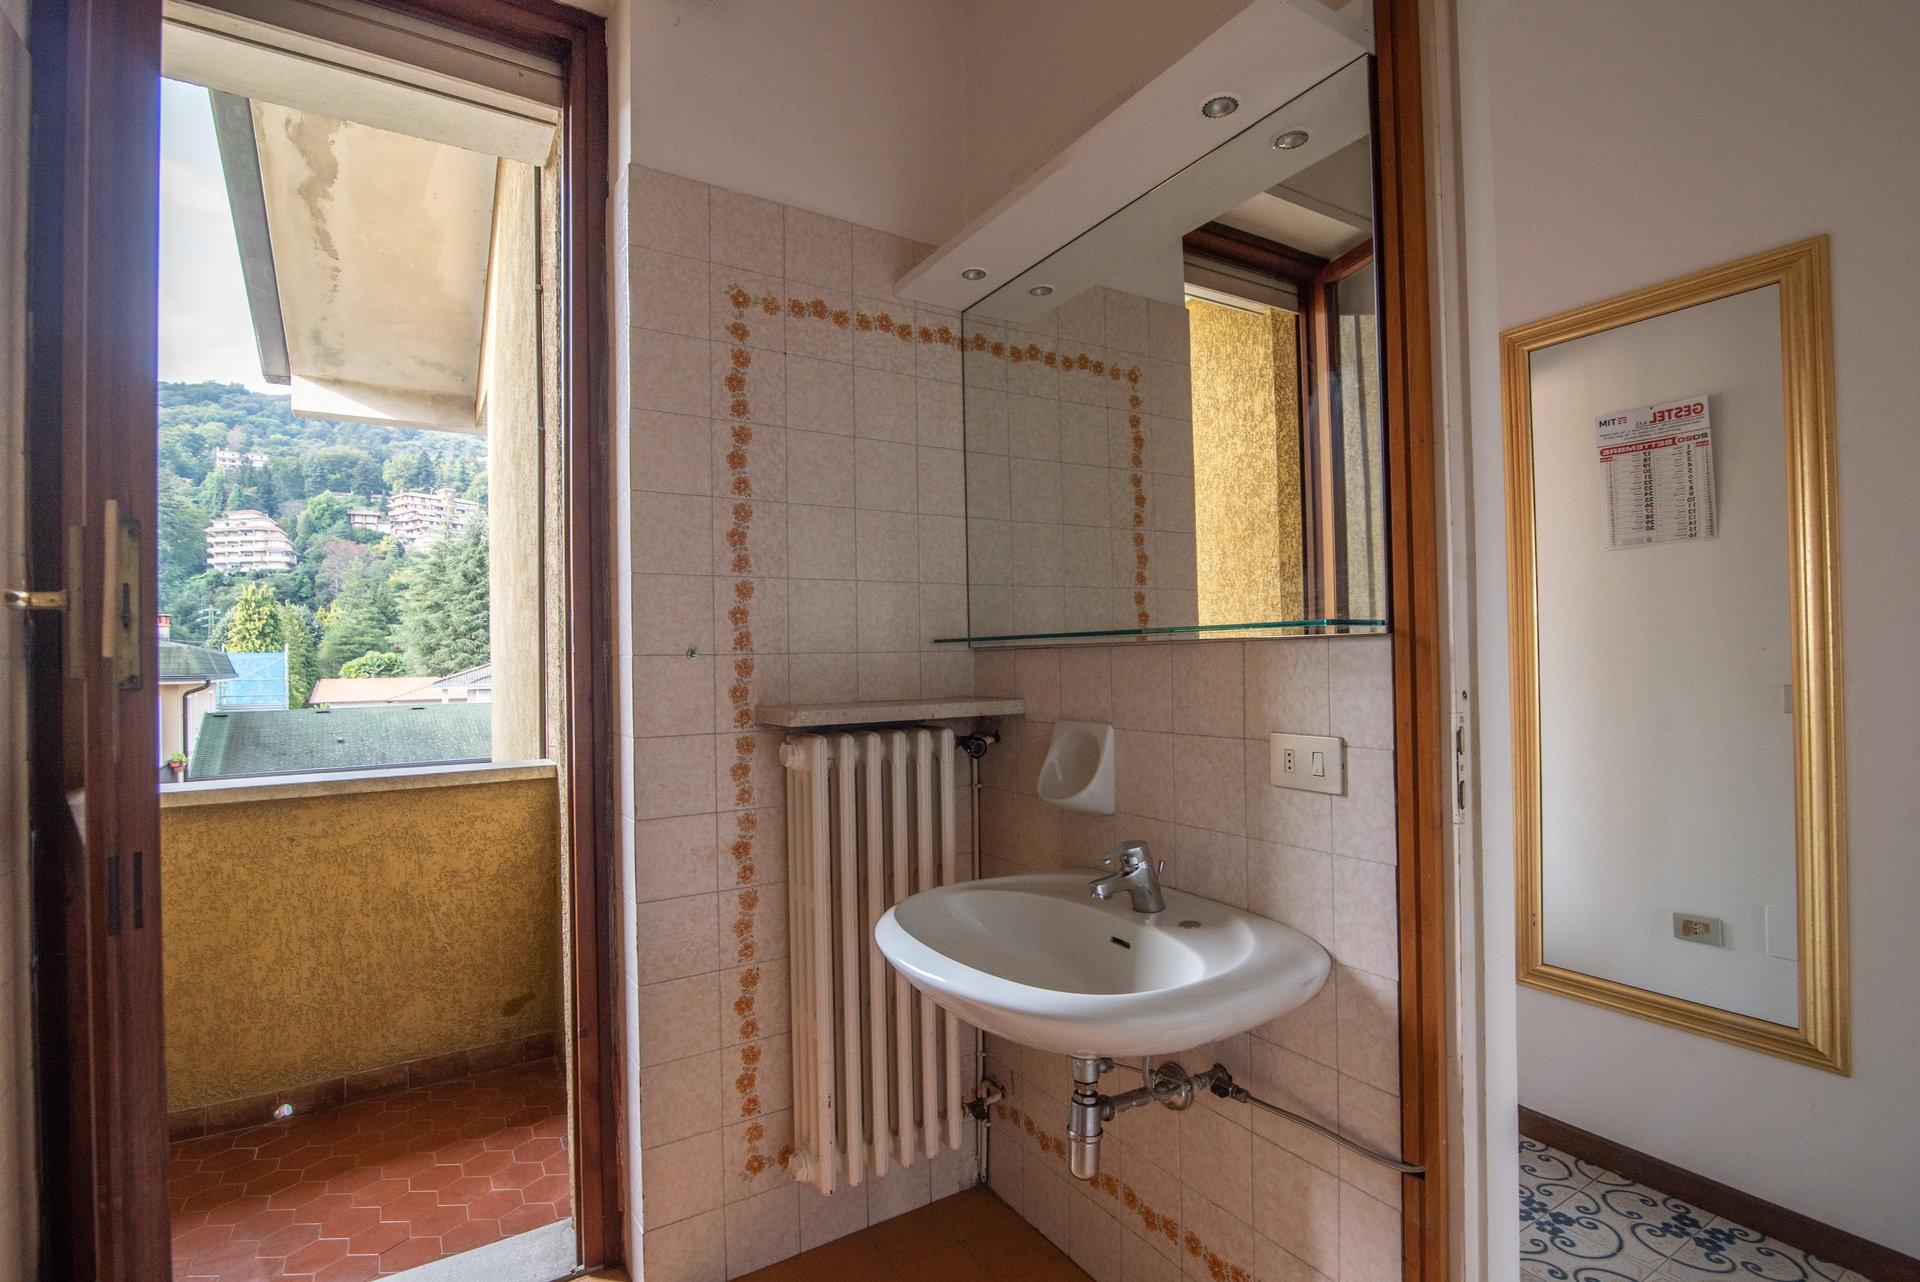 Wohnung zu vermieten in Stresa in der Nähe des Bahnhofs